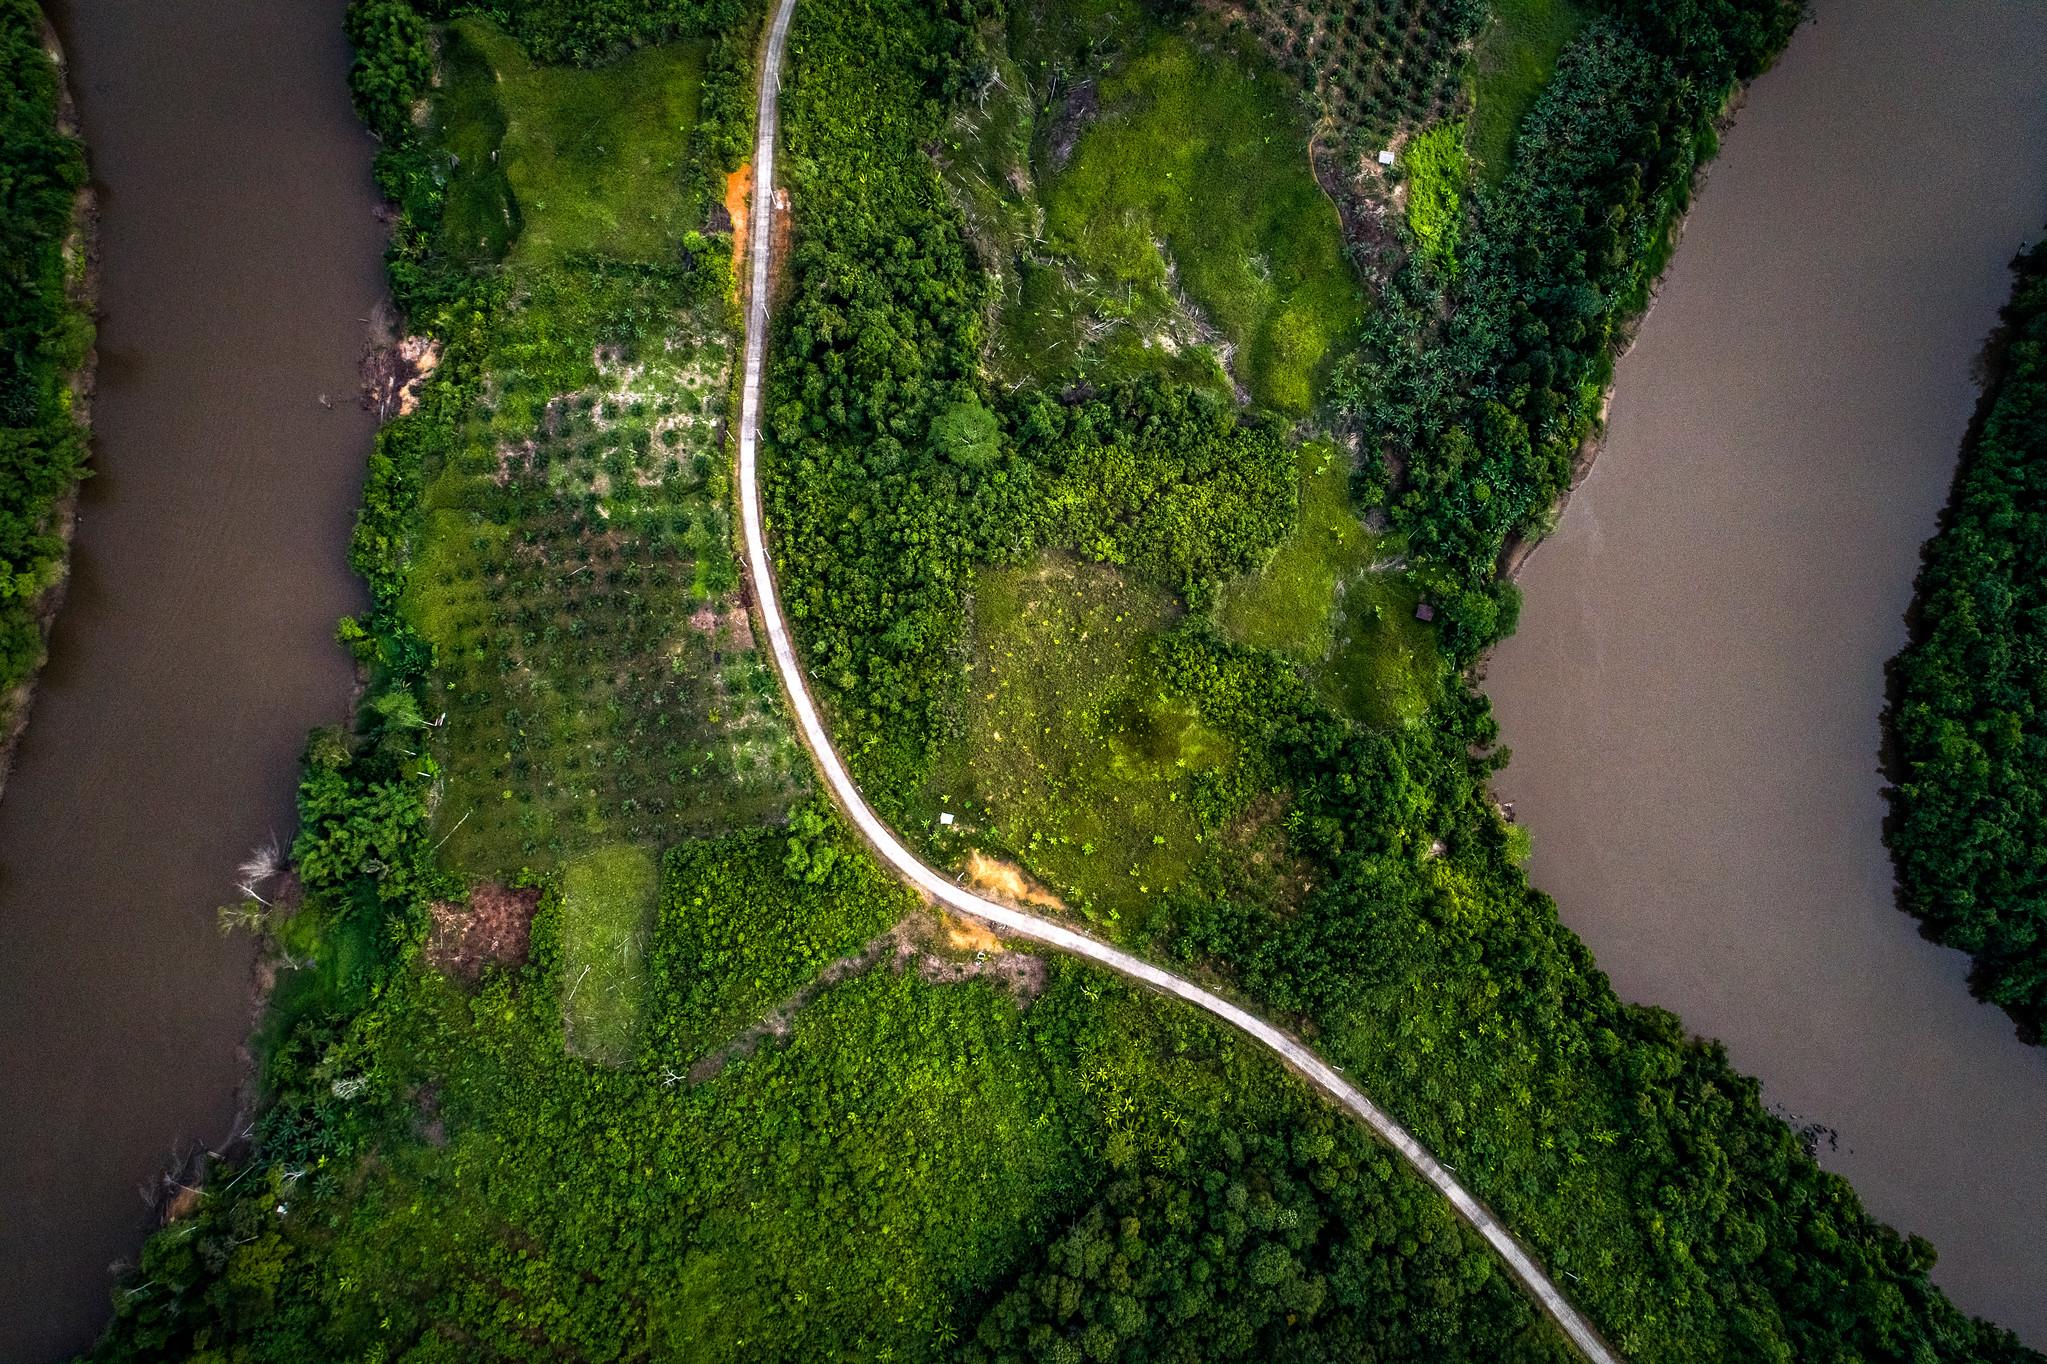 <p> Pengambilan gambar melalui udara di hutan Kalimantan Timur, yang menjadi lahan industri minyak kelapa sawit. Foto oleh Nanang Sujana/CIFOR.</p>